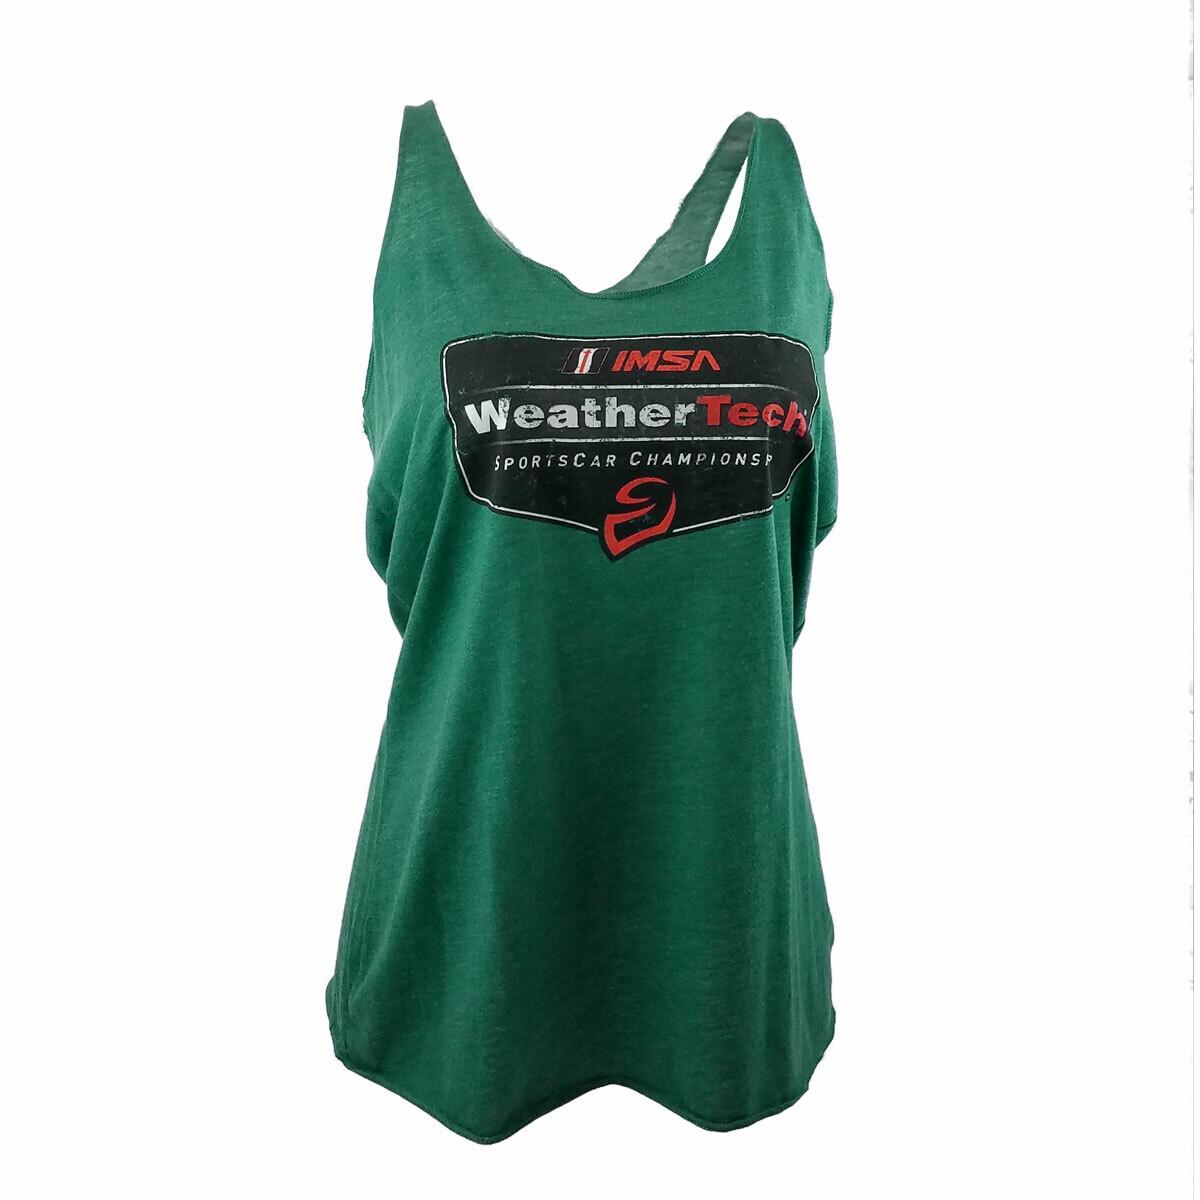 Weathertech Tank Top Teal